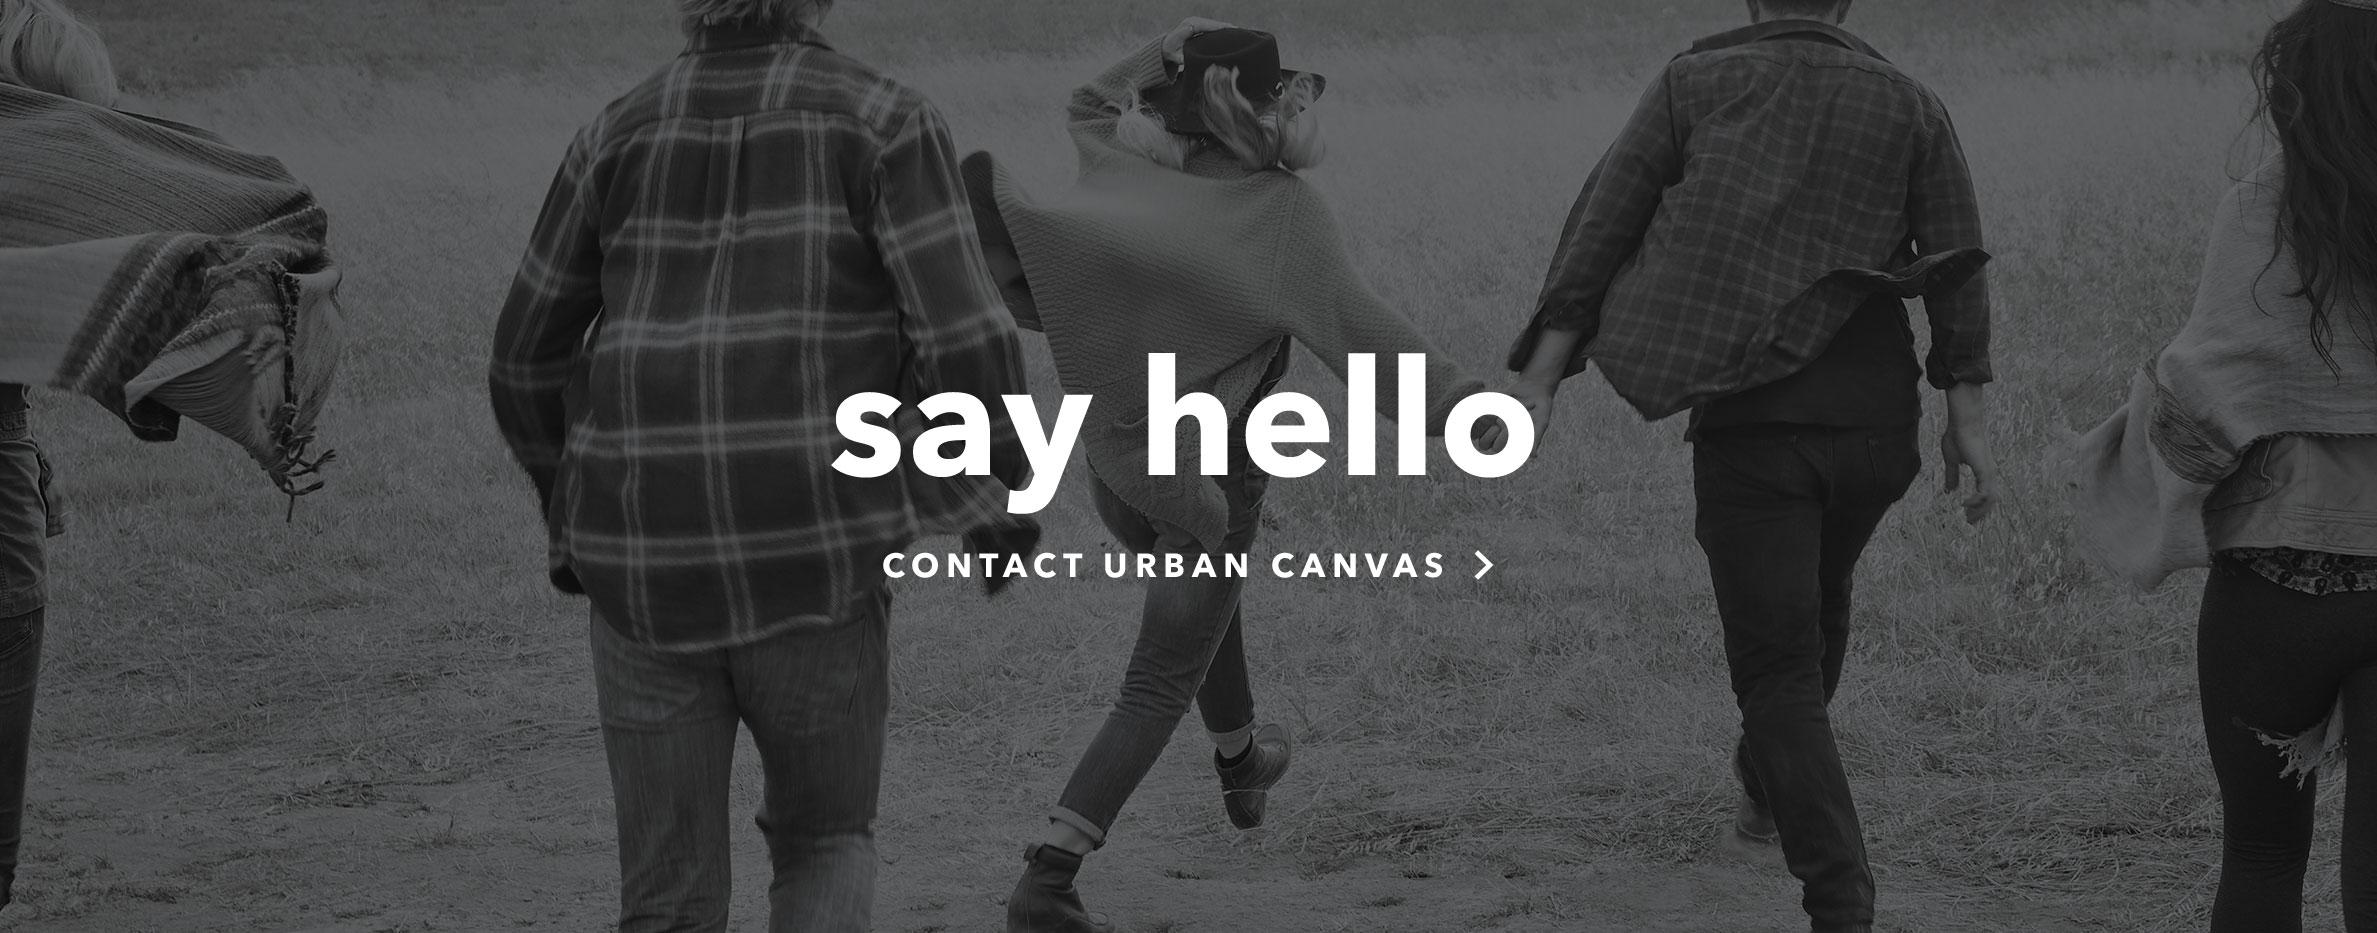 Sayhello_V2.jpg